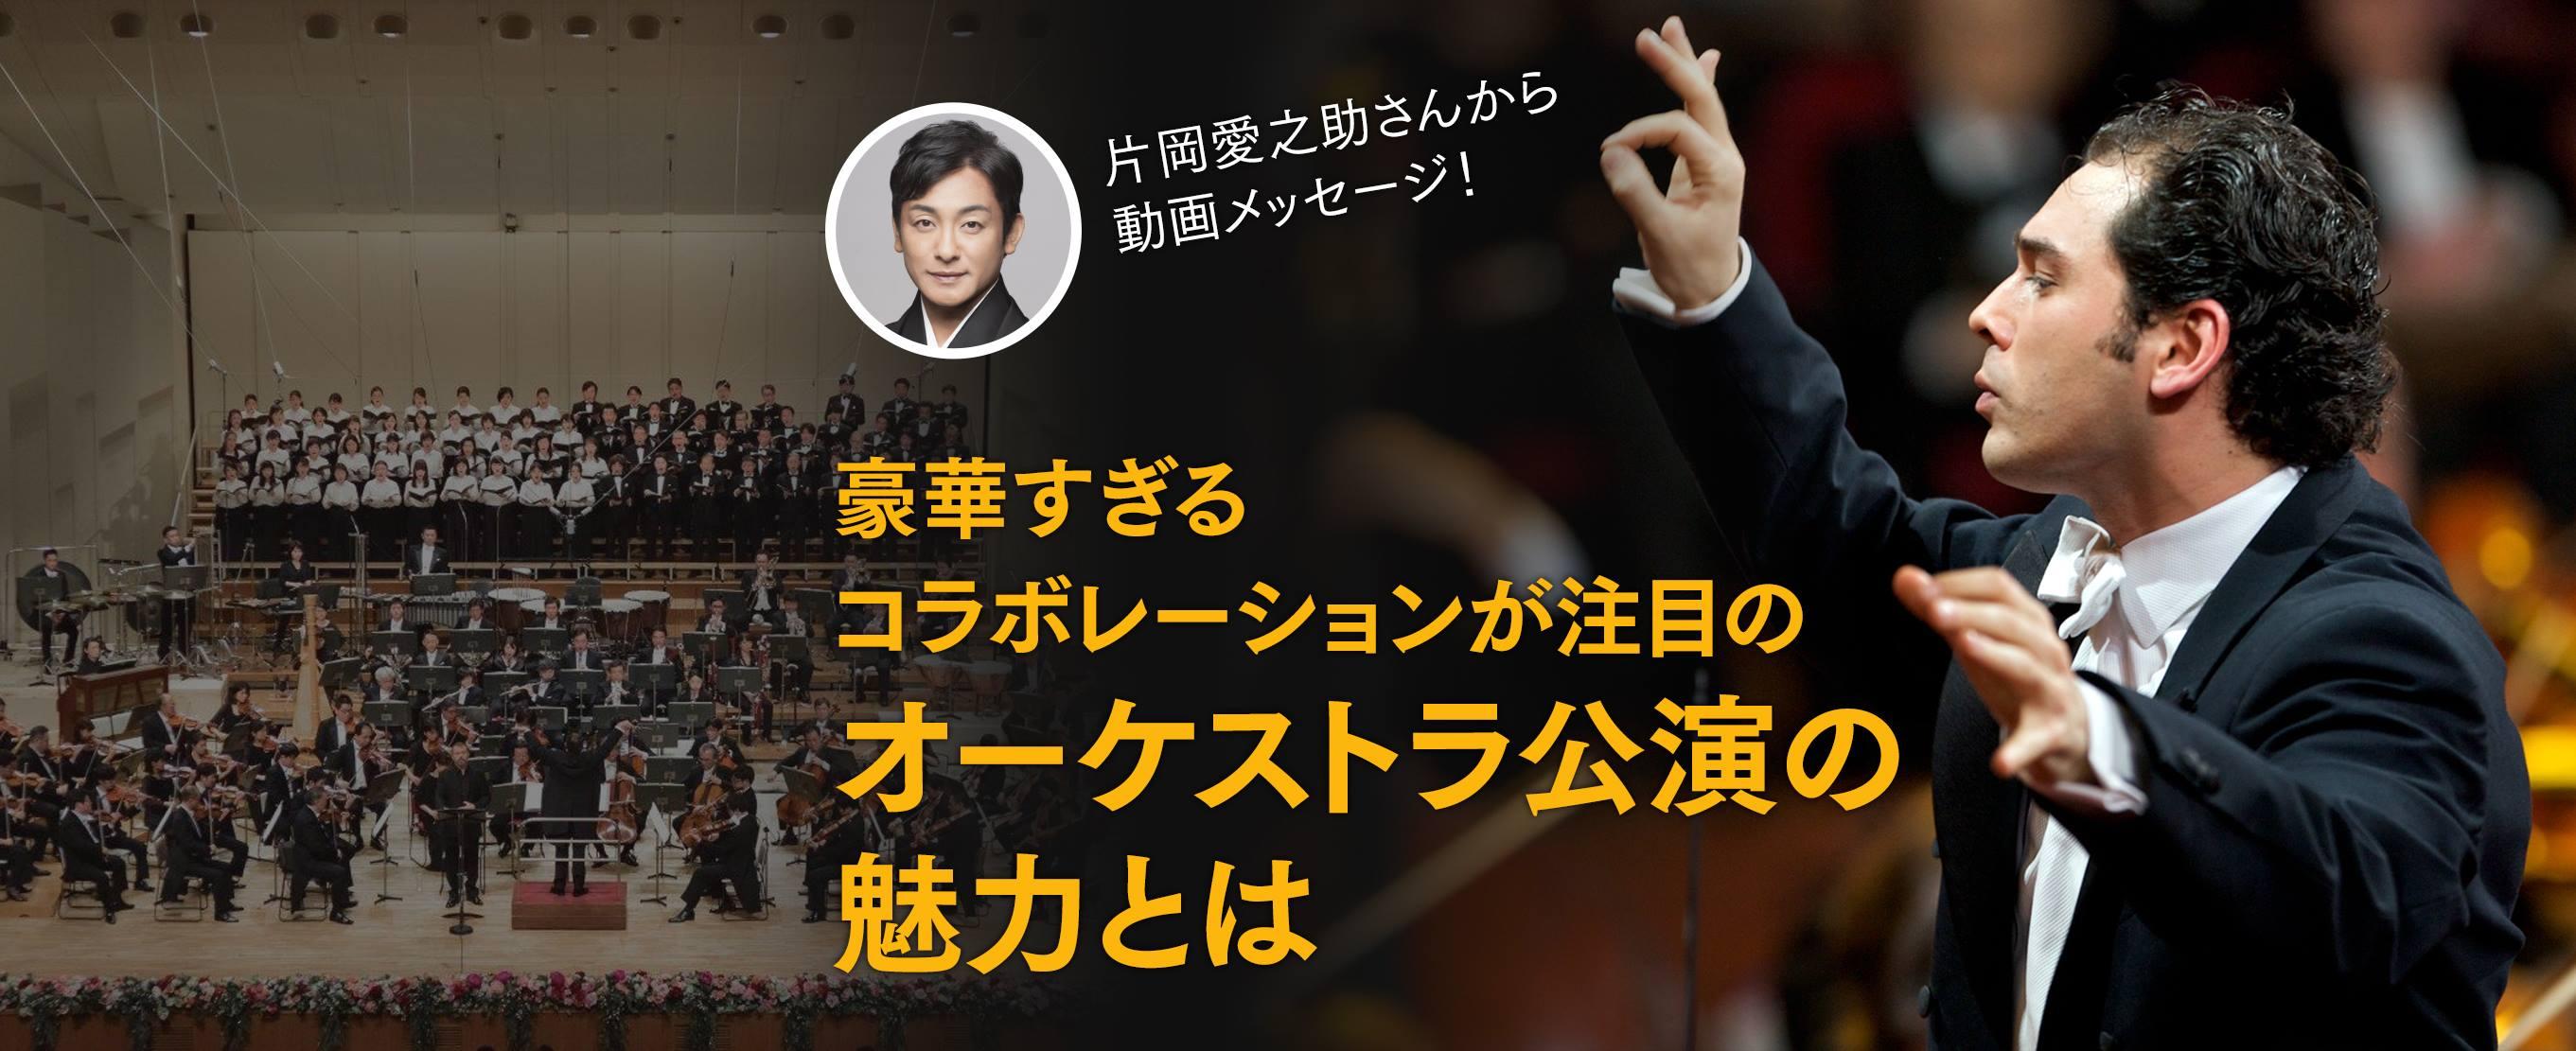 片岡愛之助さんから動画メッセージ!  豪華すぎるコラボレーションが注目のオーケストラ公演の魅力とは